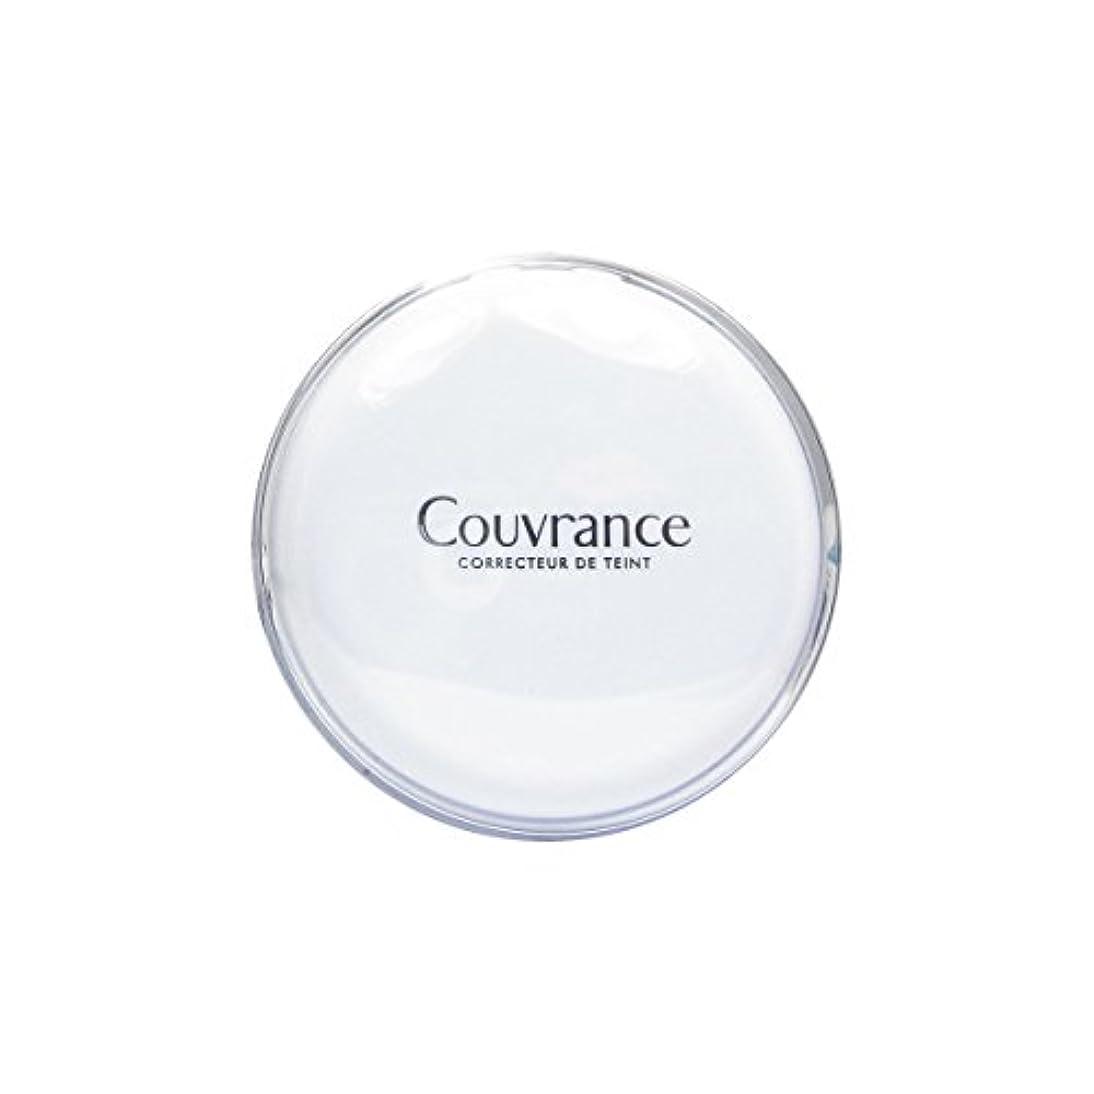 噂ルアー強いAvene Couvrance Compact Confort Cream 2.5 Beige 10gr [並行輸入品]